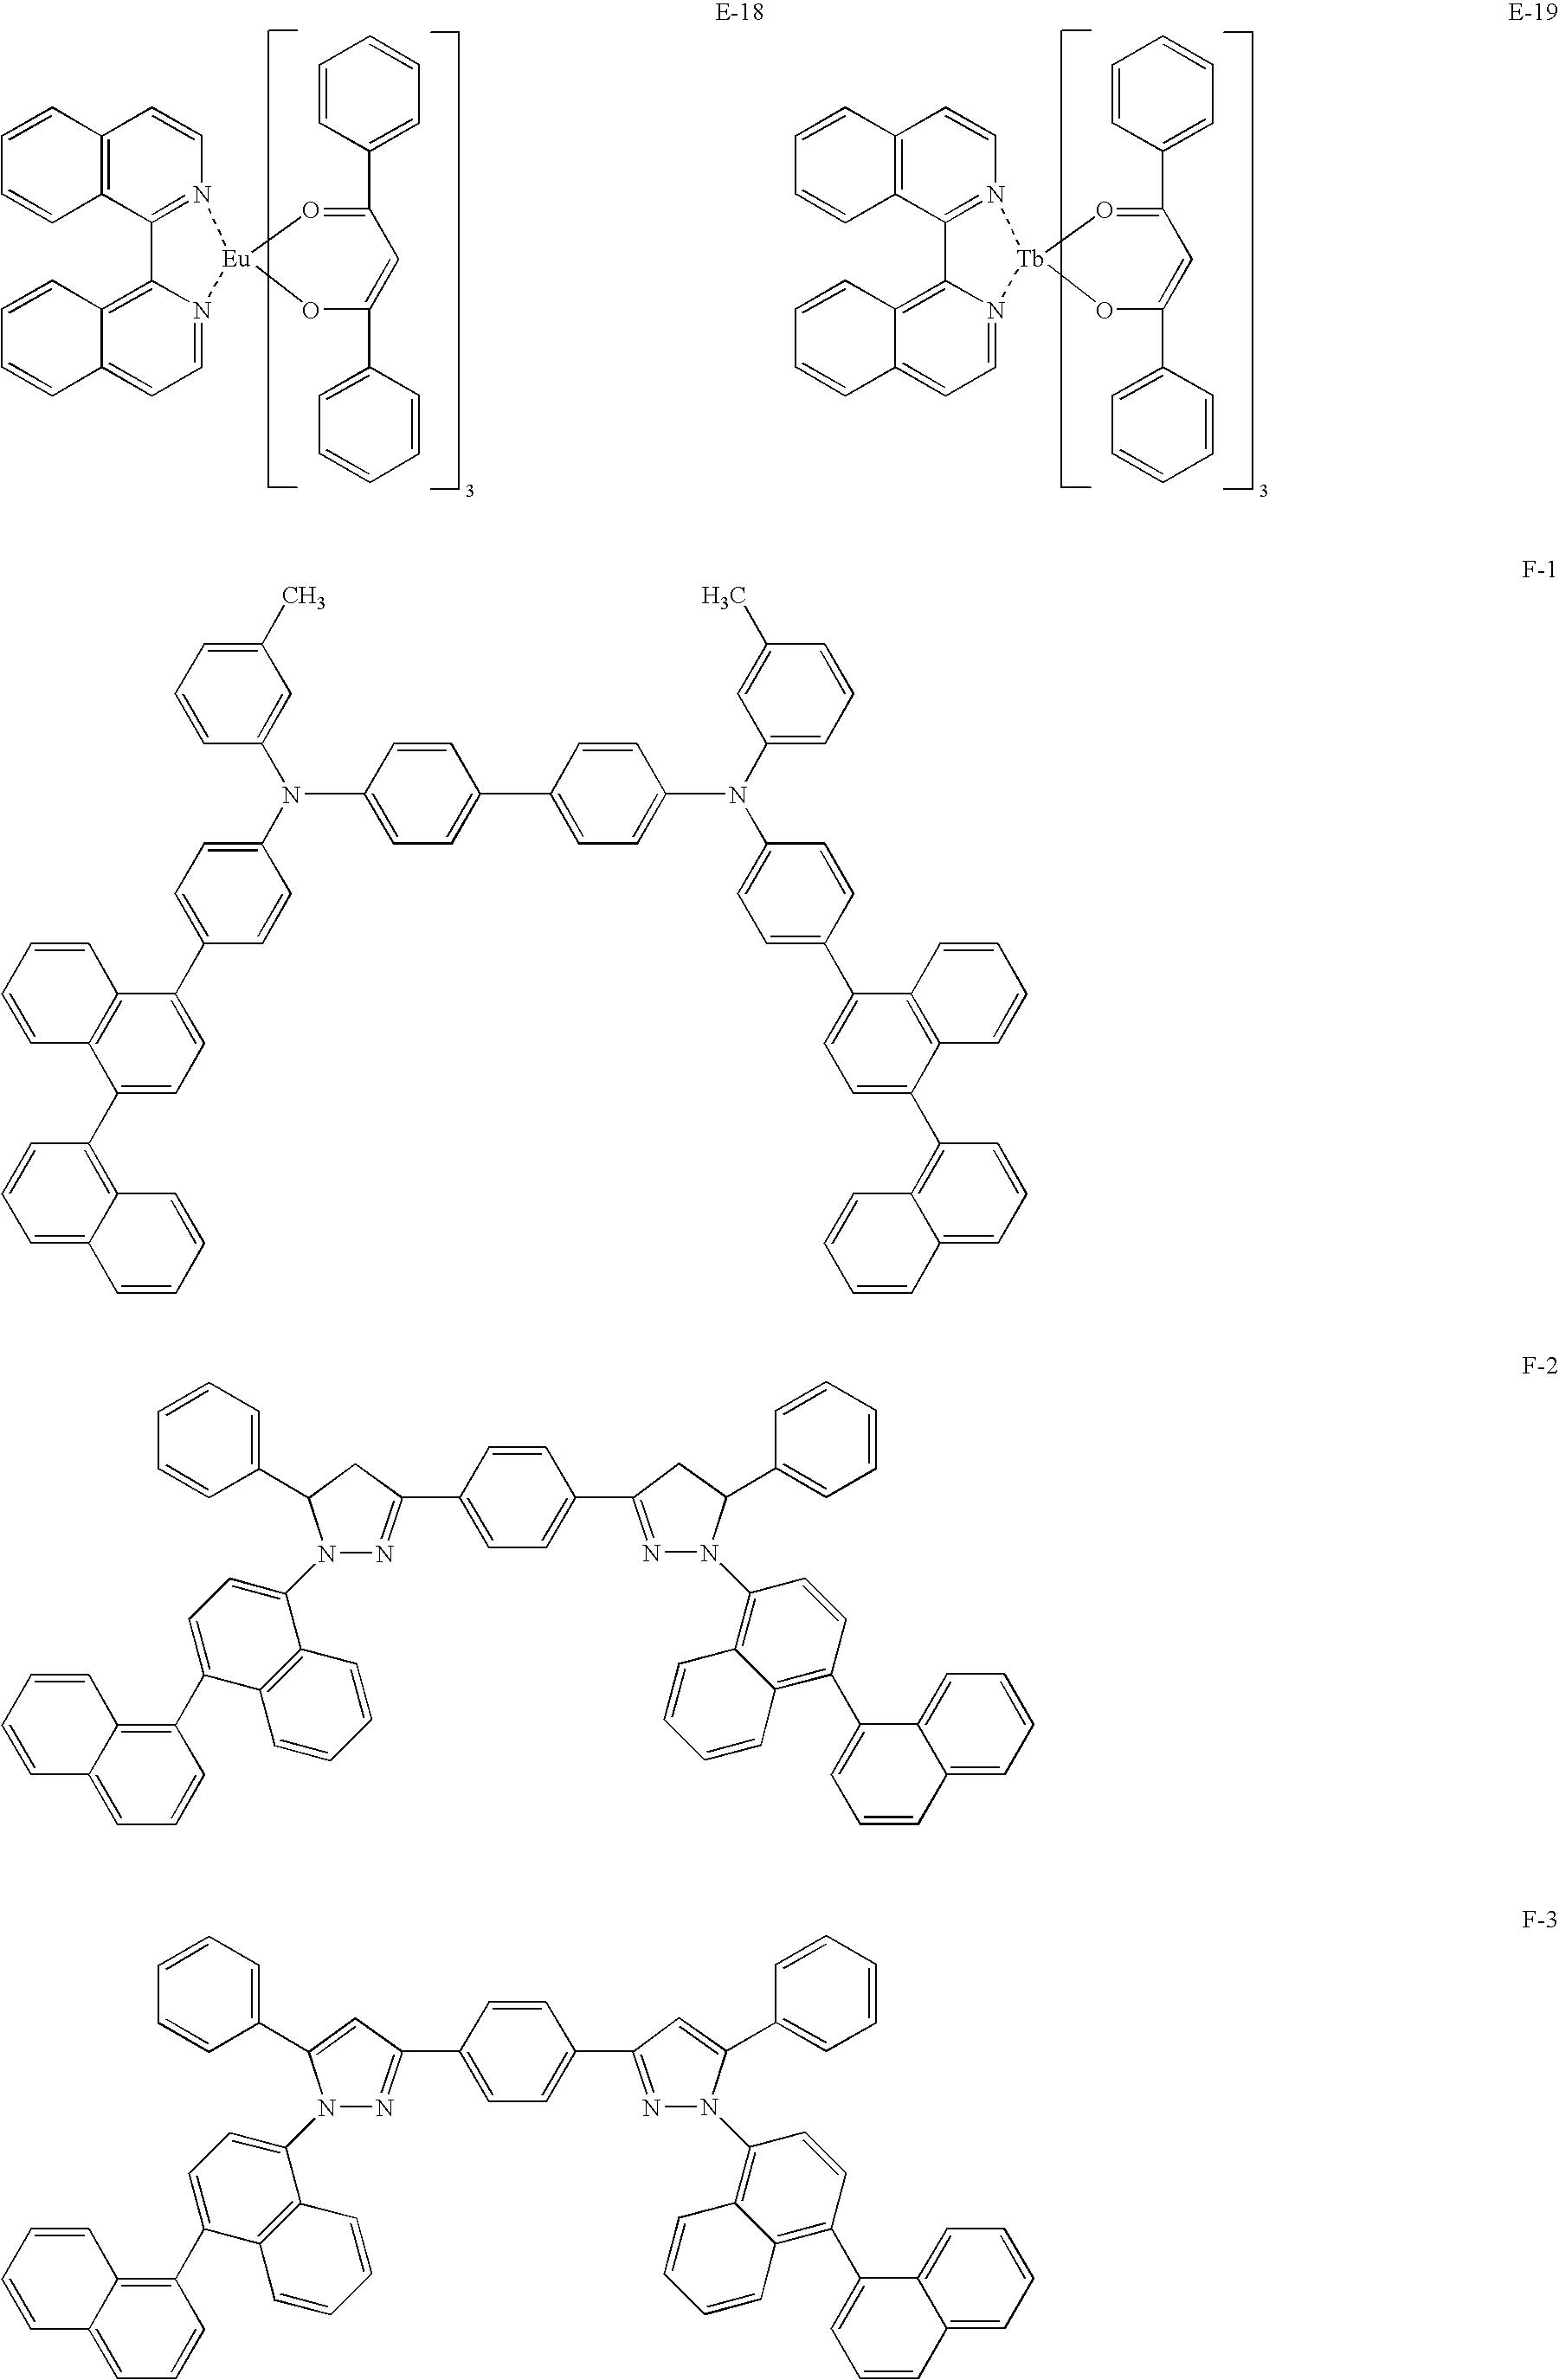 Figure US20040062951A1-20040401-C00041